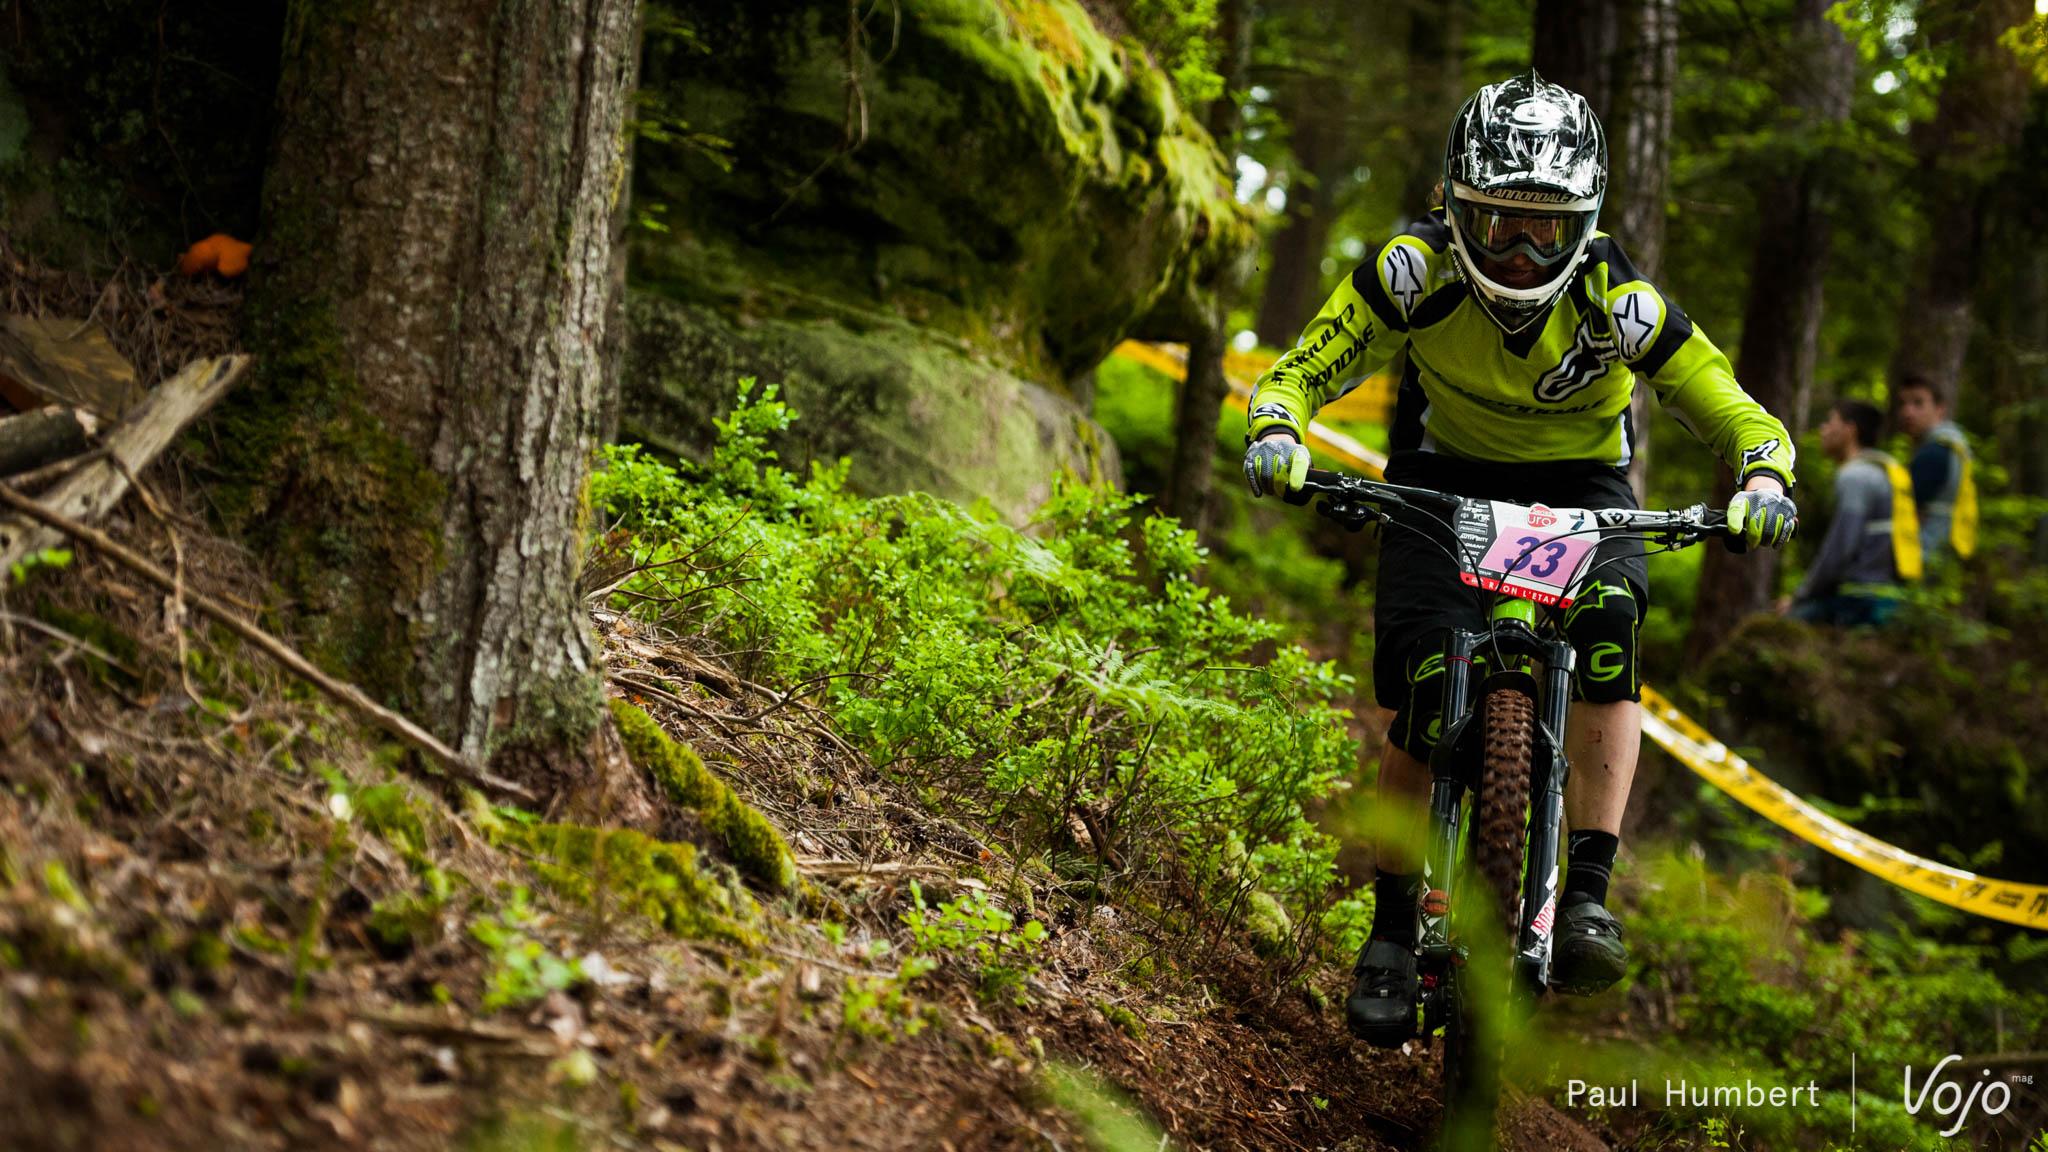 Raon-l-etape-vojo-2016-paul-humbert-72